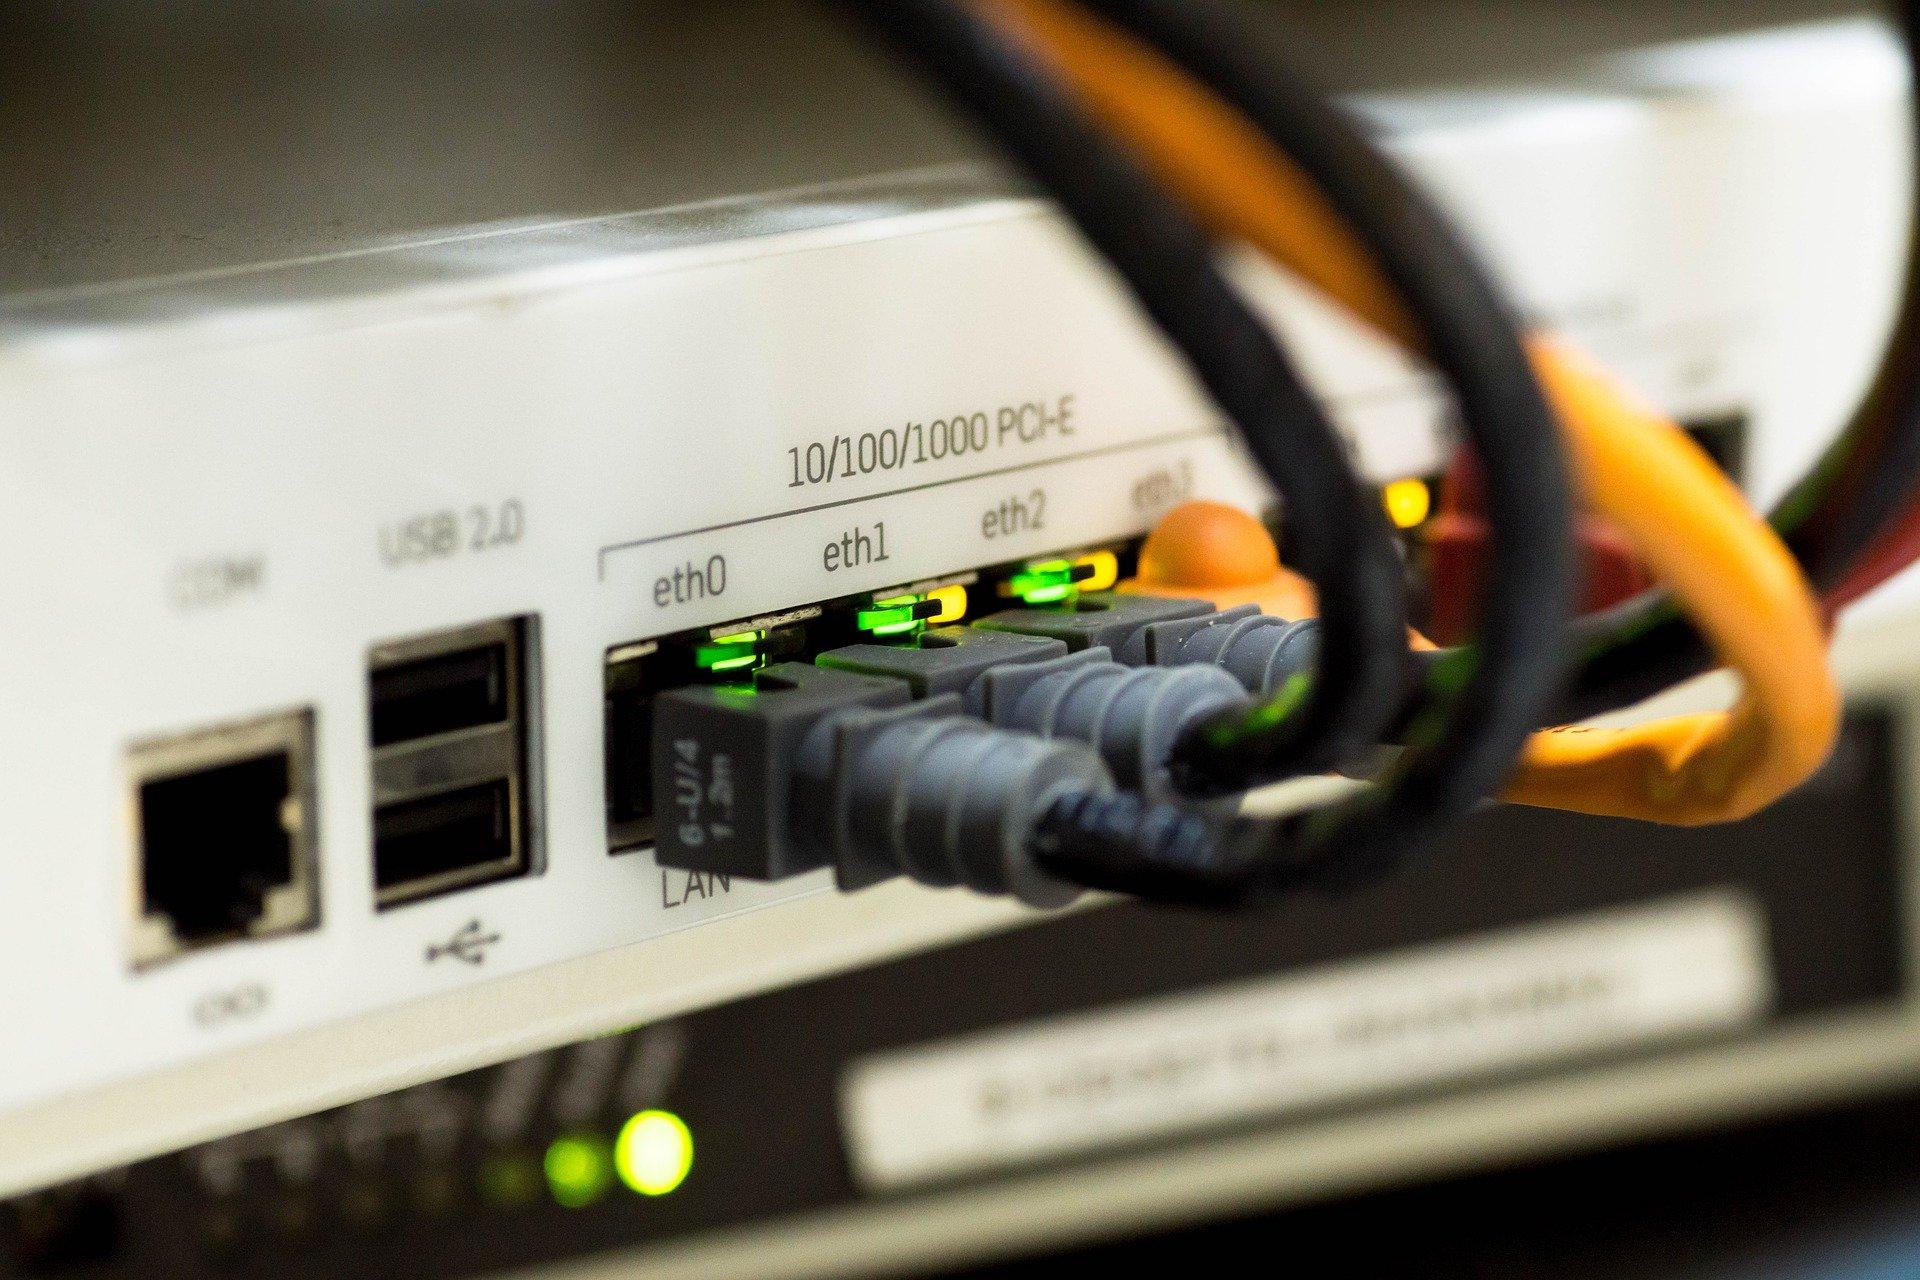 La consommation énergétique des centres de données et des réseaux qui devrait augmenter de 75% d'ici 2040 - (c) pixabay